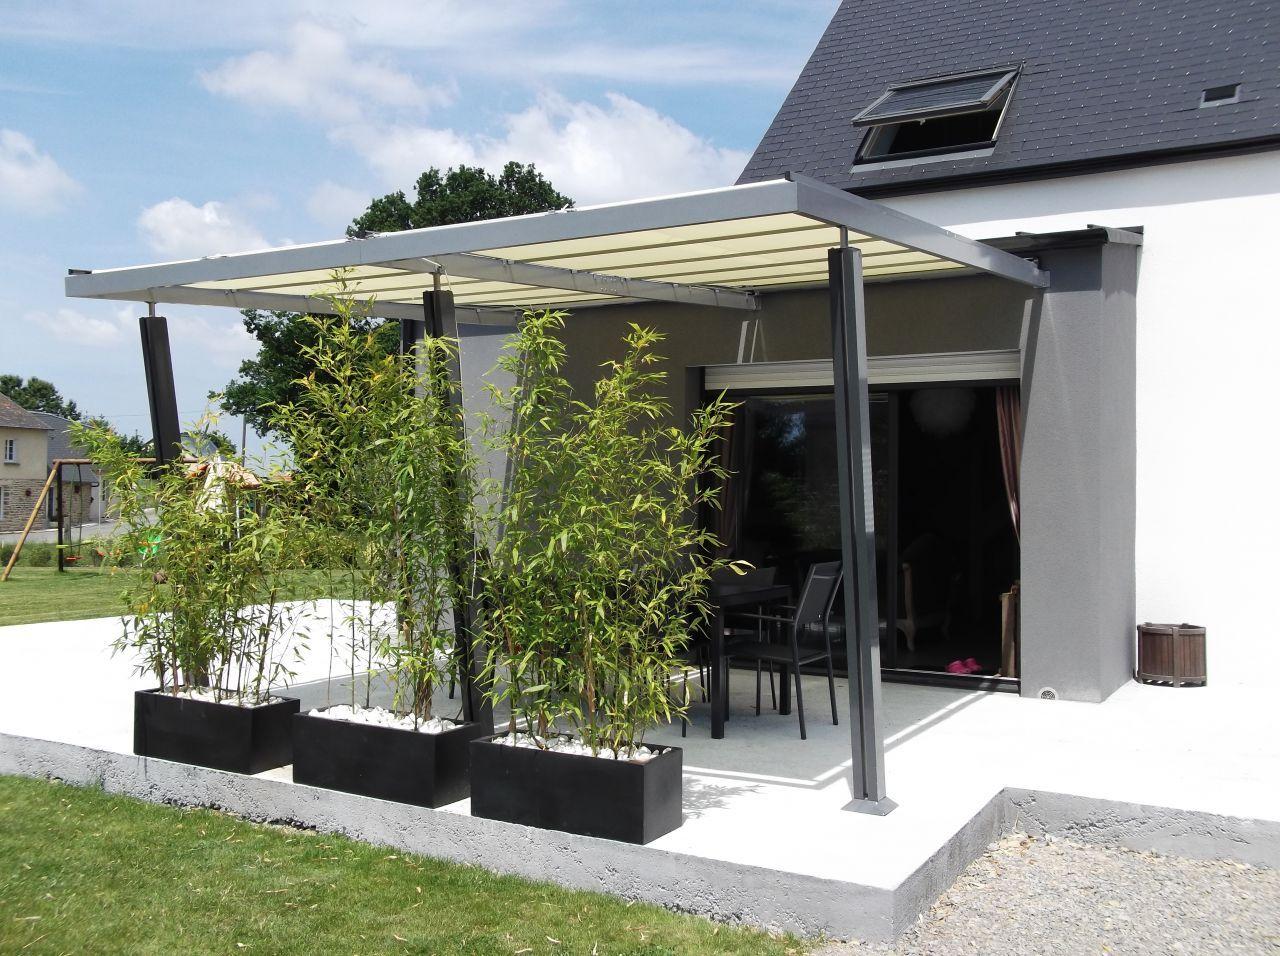 tonnelle en alu pos terasa pinterest tonnelles notre maison et terrasses. Black Bedroom Furniture Sets. Home Design Ideas